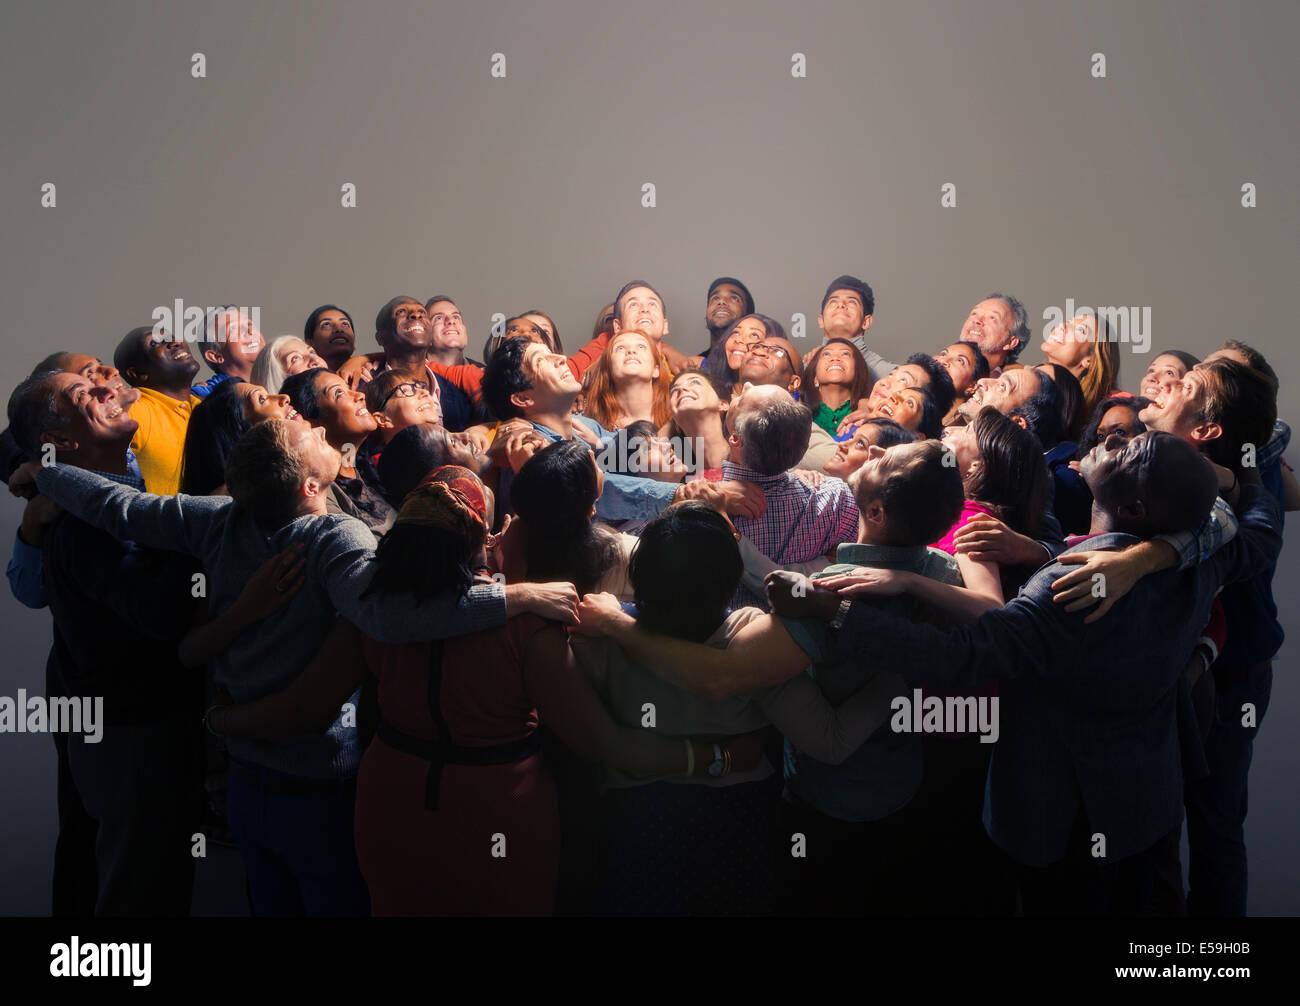 Gemischtes Publikum um helles Licht Stockfoto